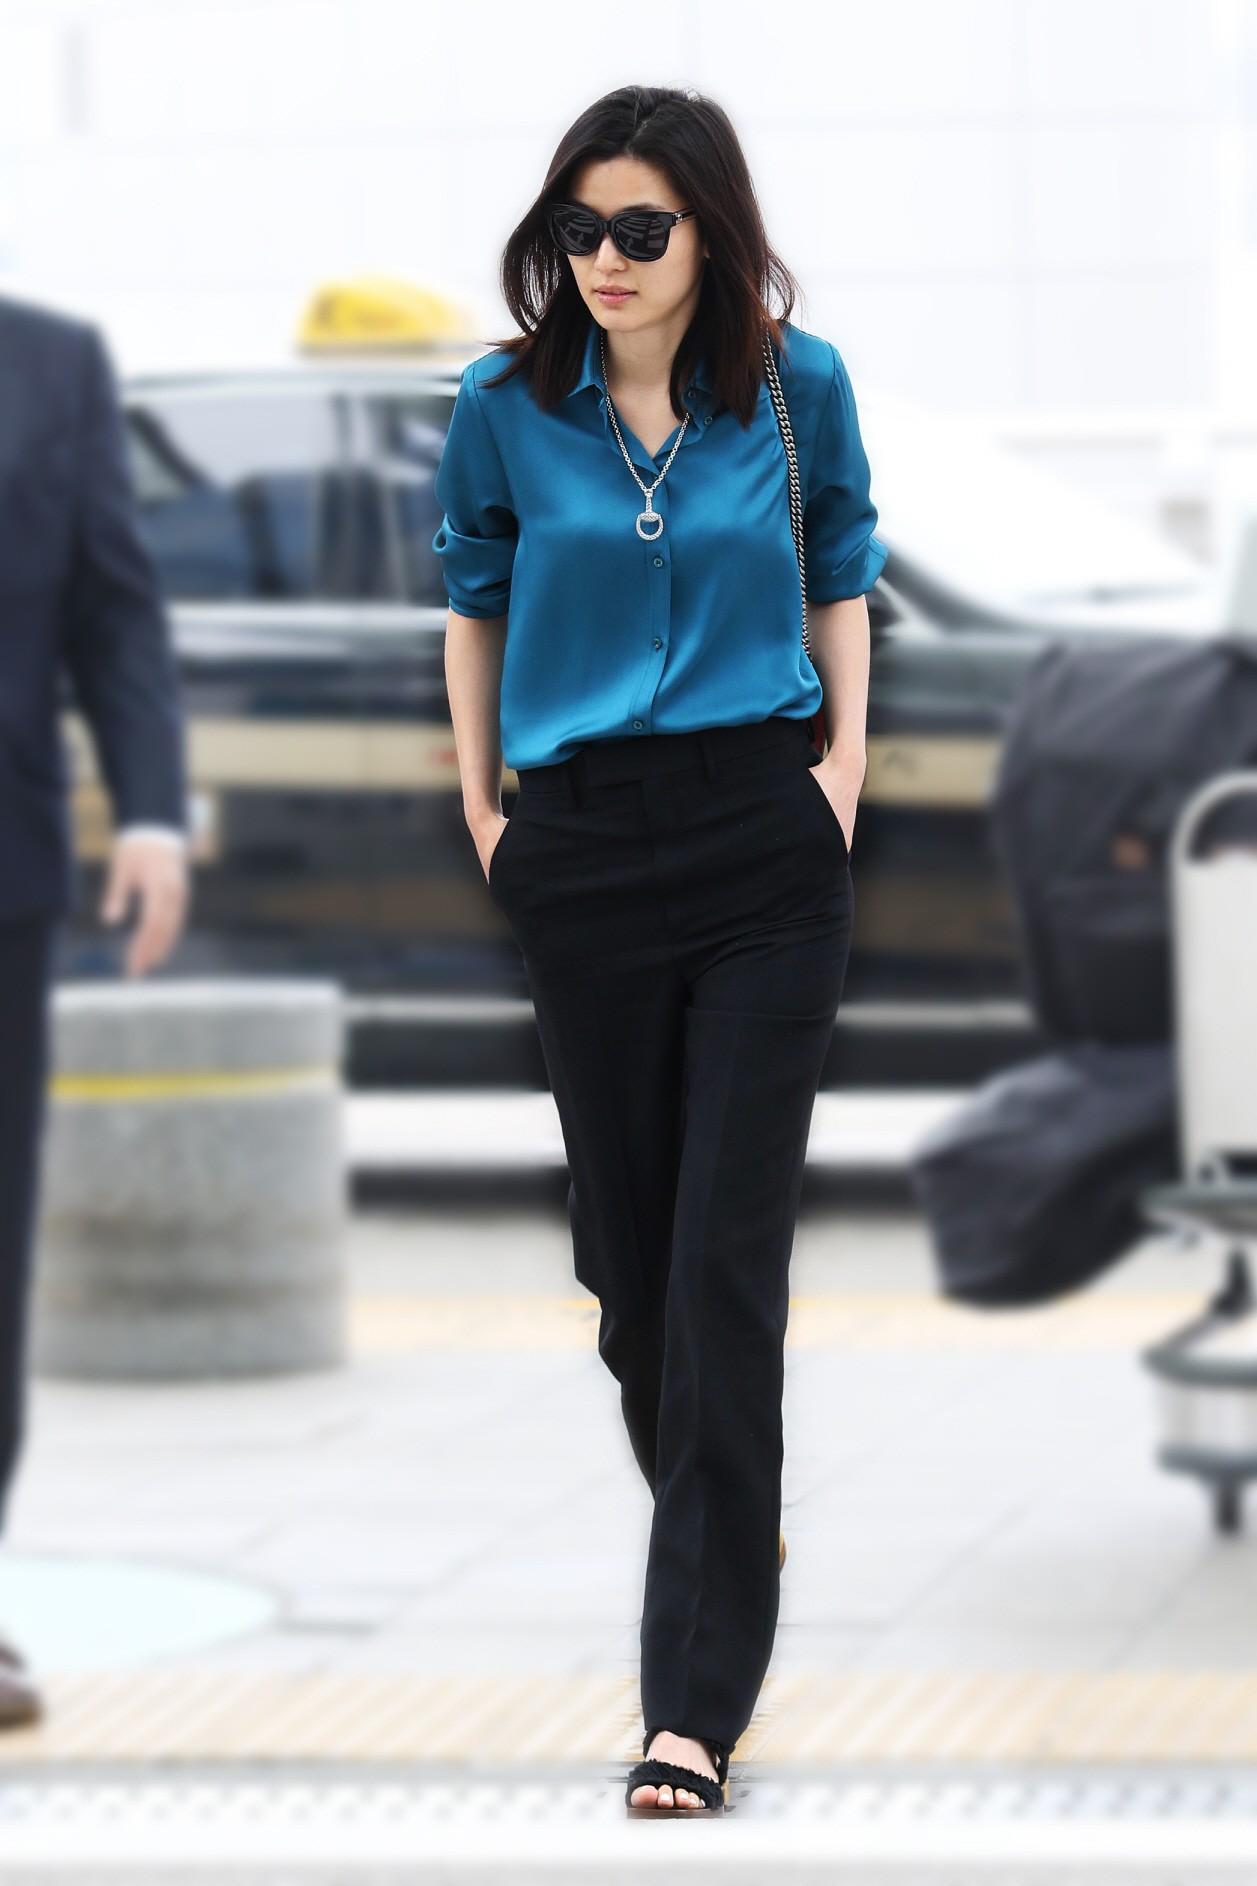 Diện đồ hiệu đẹp hơn cả người mẫu, đó chính là mợ chảnh Jeon Ji Hyun-3